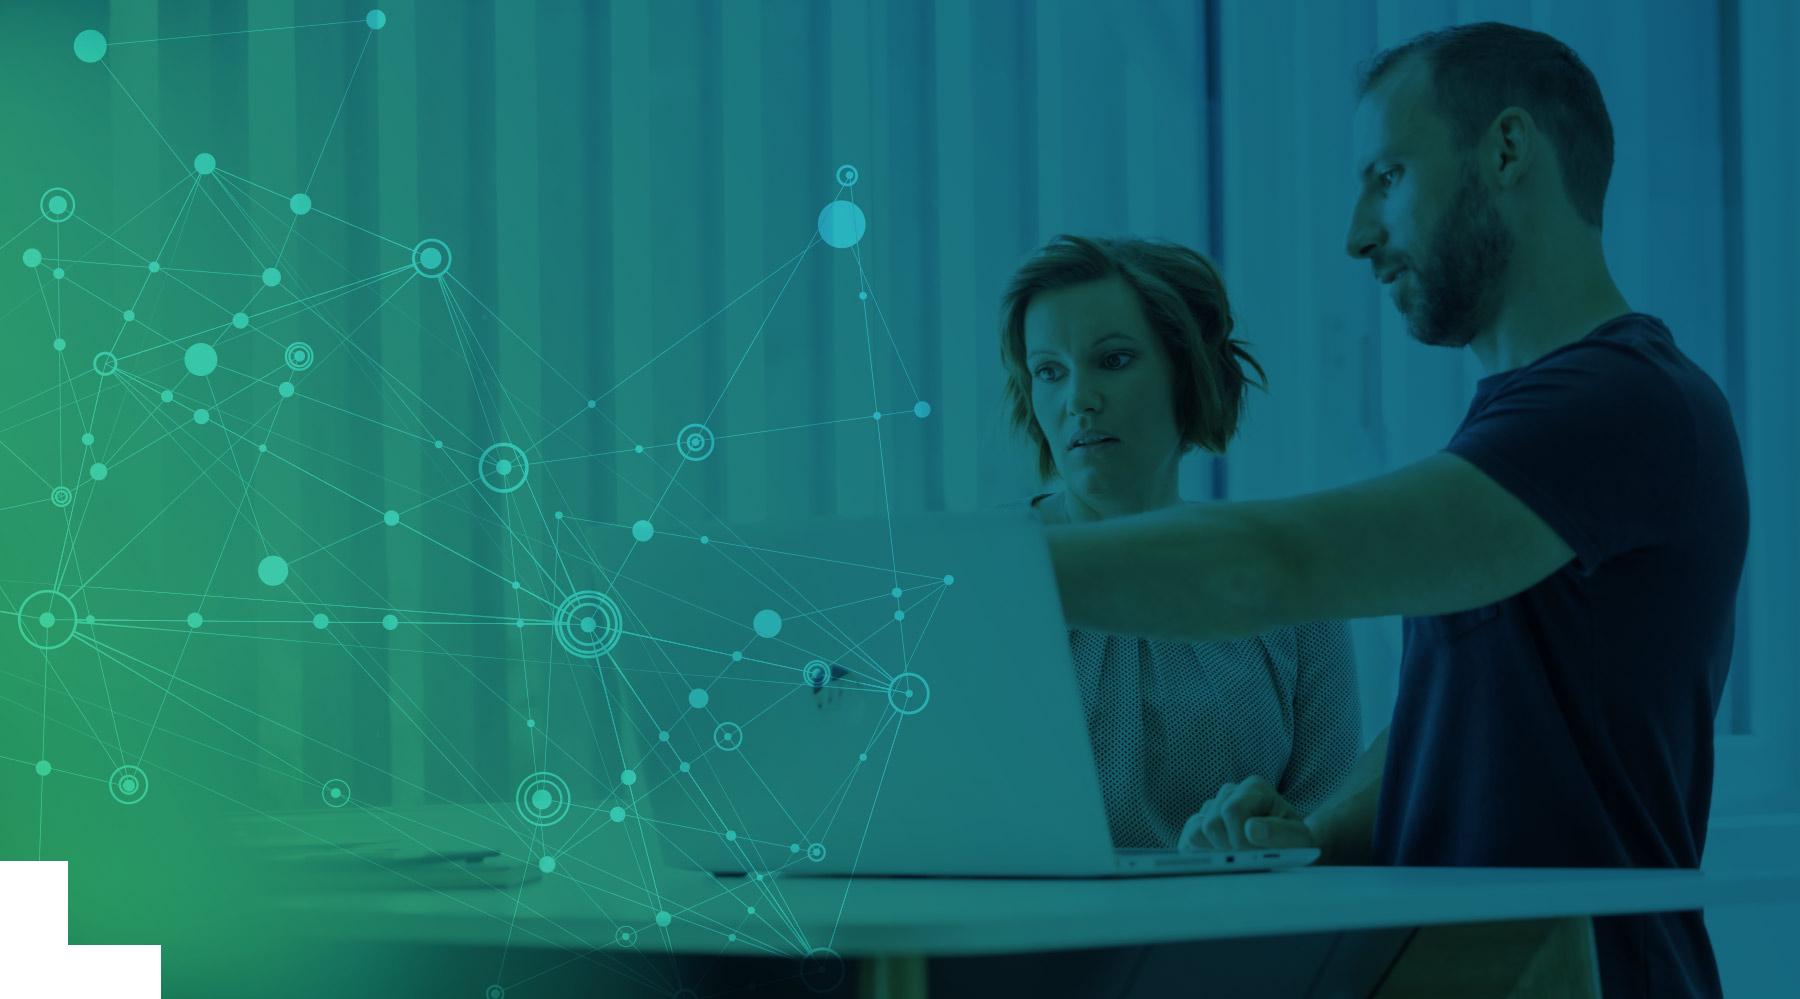 Ein Mitarbeiter von effeqt erklärt das Business Intelligence Tool - Qlik